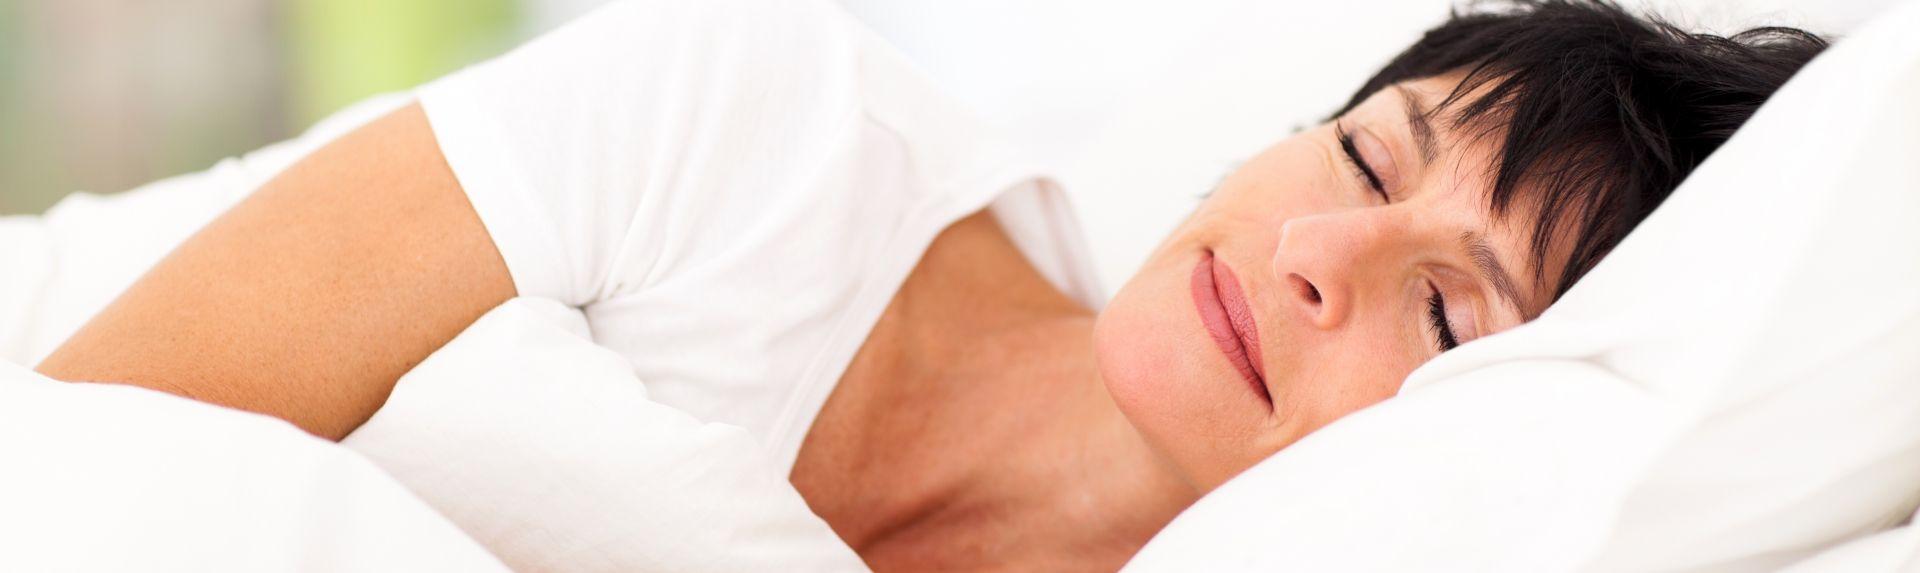 Оптимальный режим дня в период менопаузы